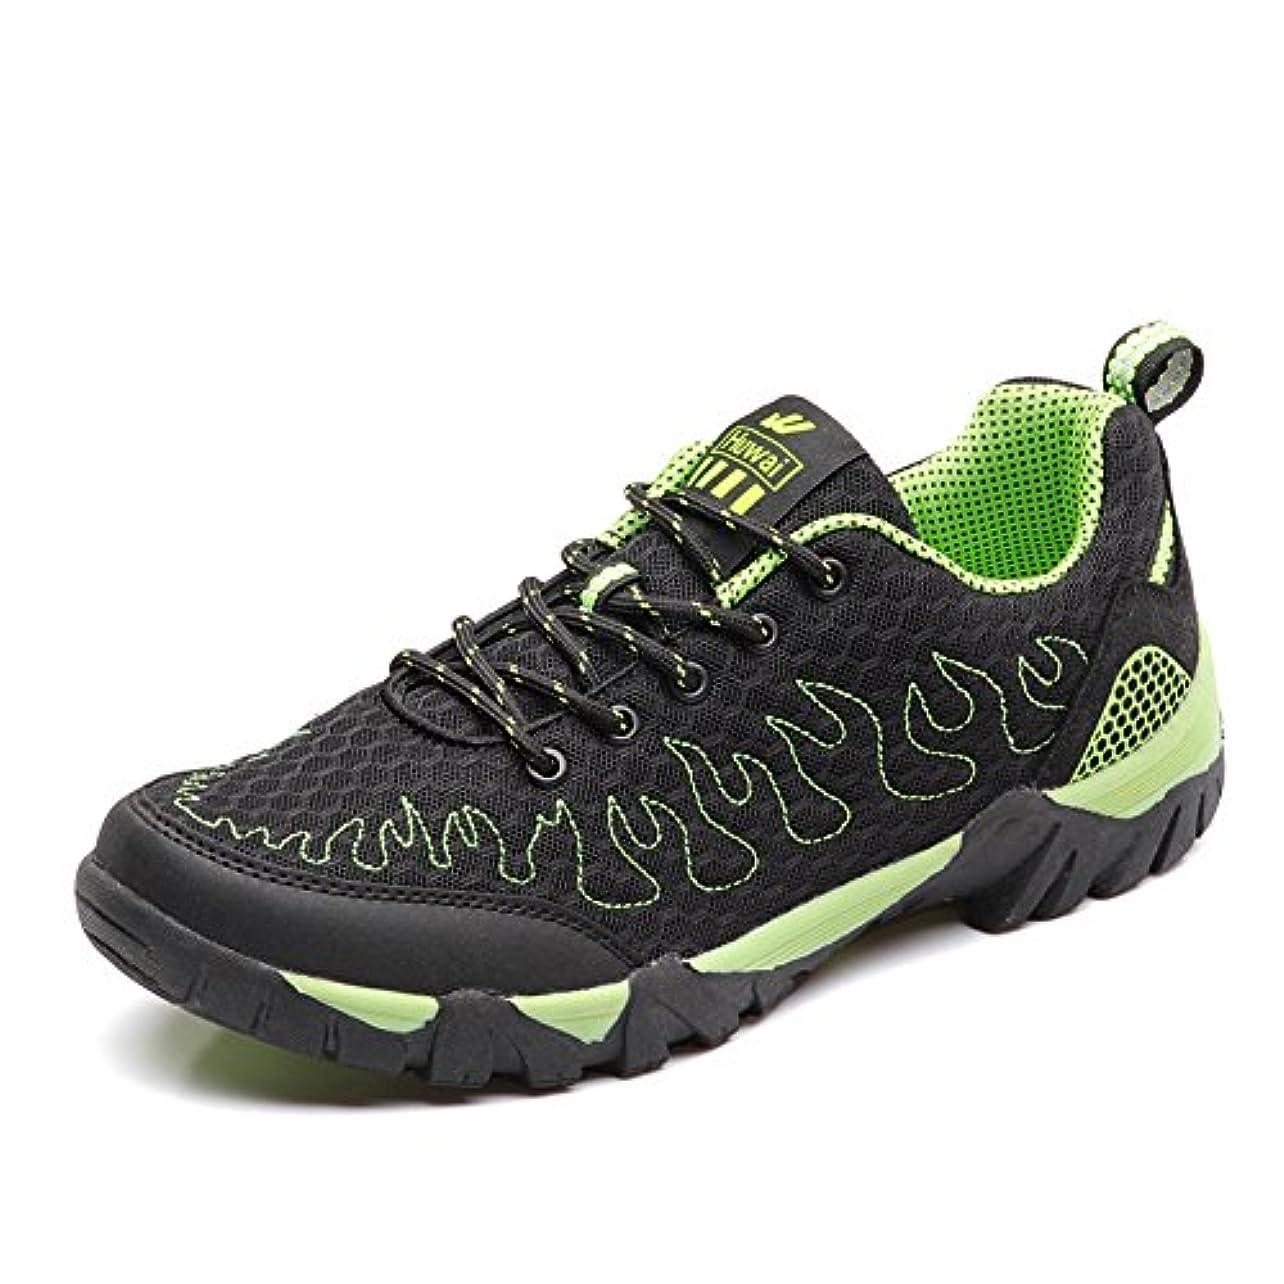 ファシズムストライプ忌まわしいLargeshop ハイキングシューズ トレッキングシューズ 登山靴 メンズ アウトドア 防水 軽量 防滑 靴 (ダークグリーン,25.0cm)